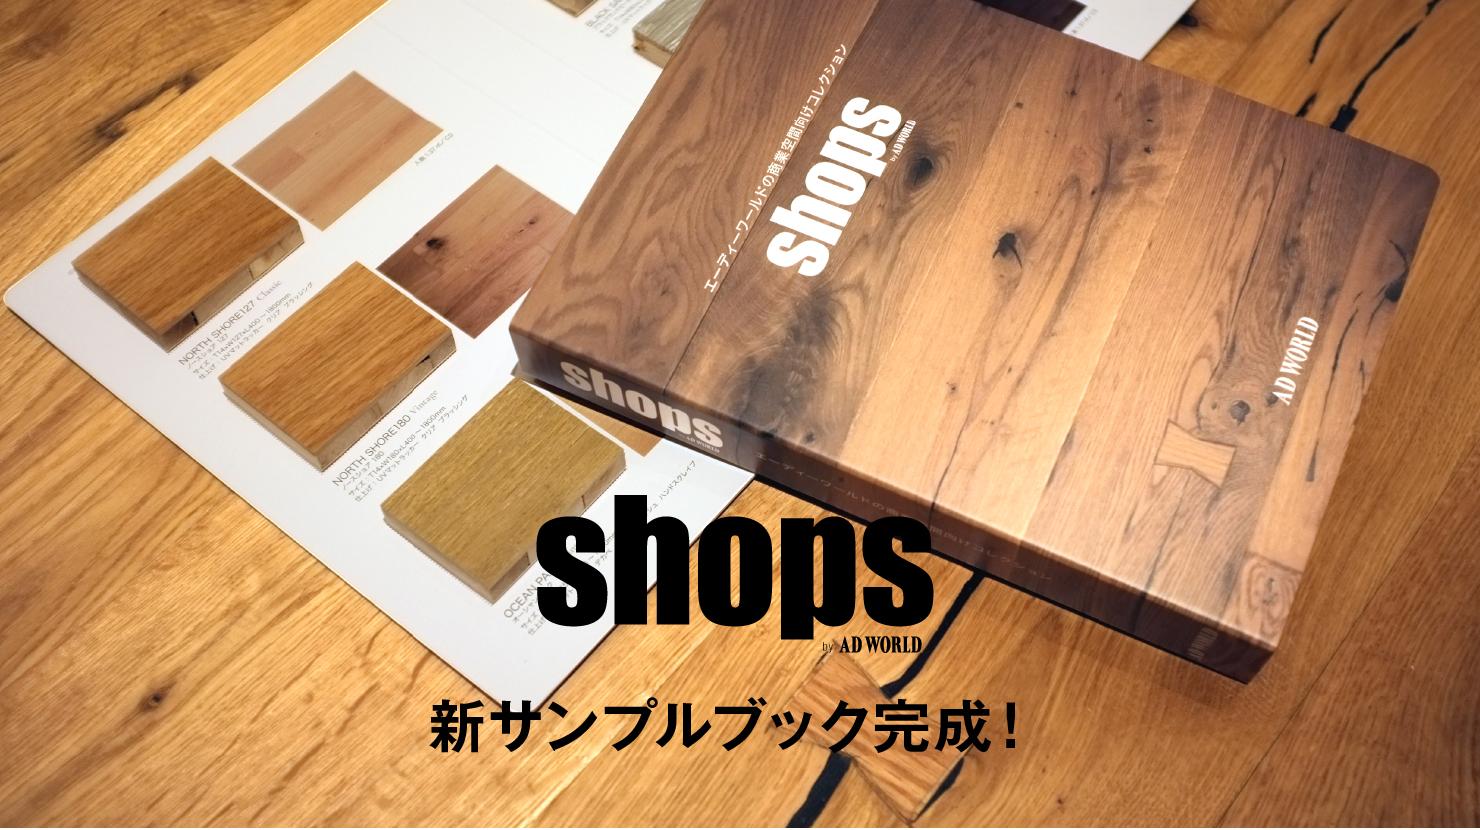 shops 新サンプルブック完成!